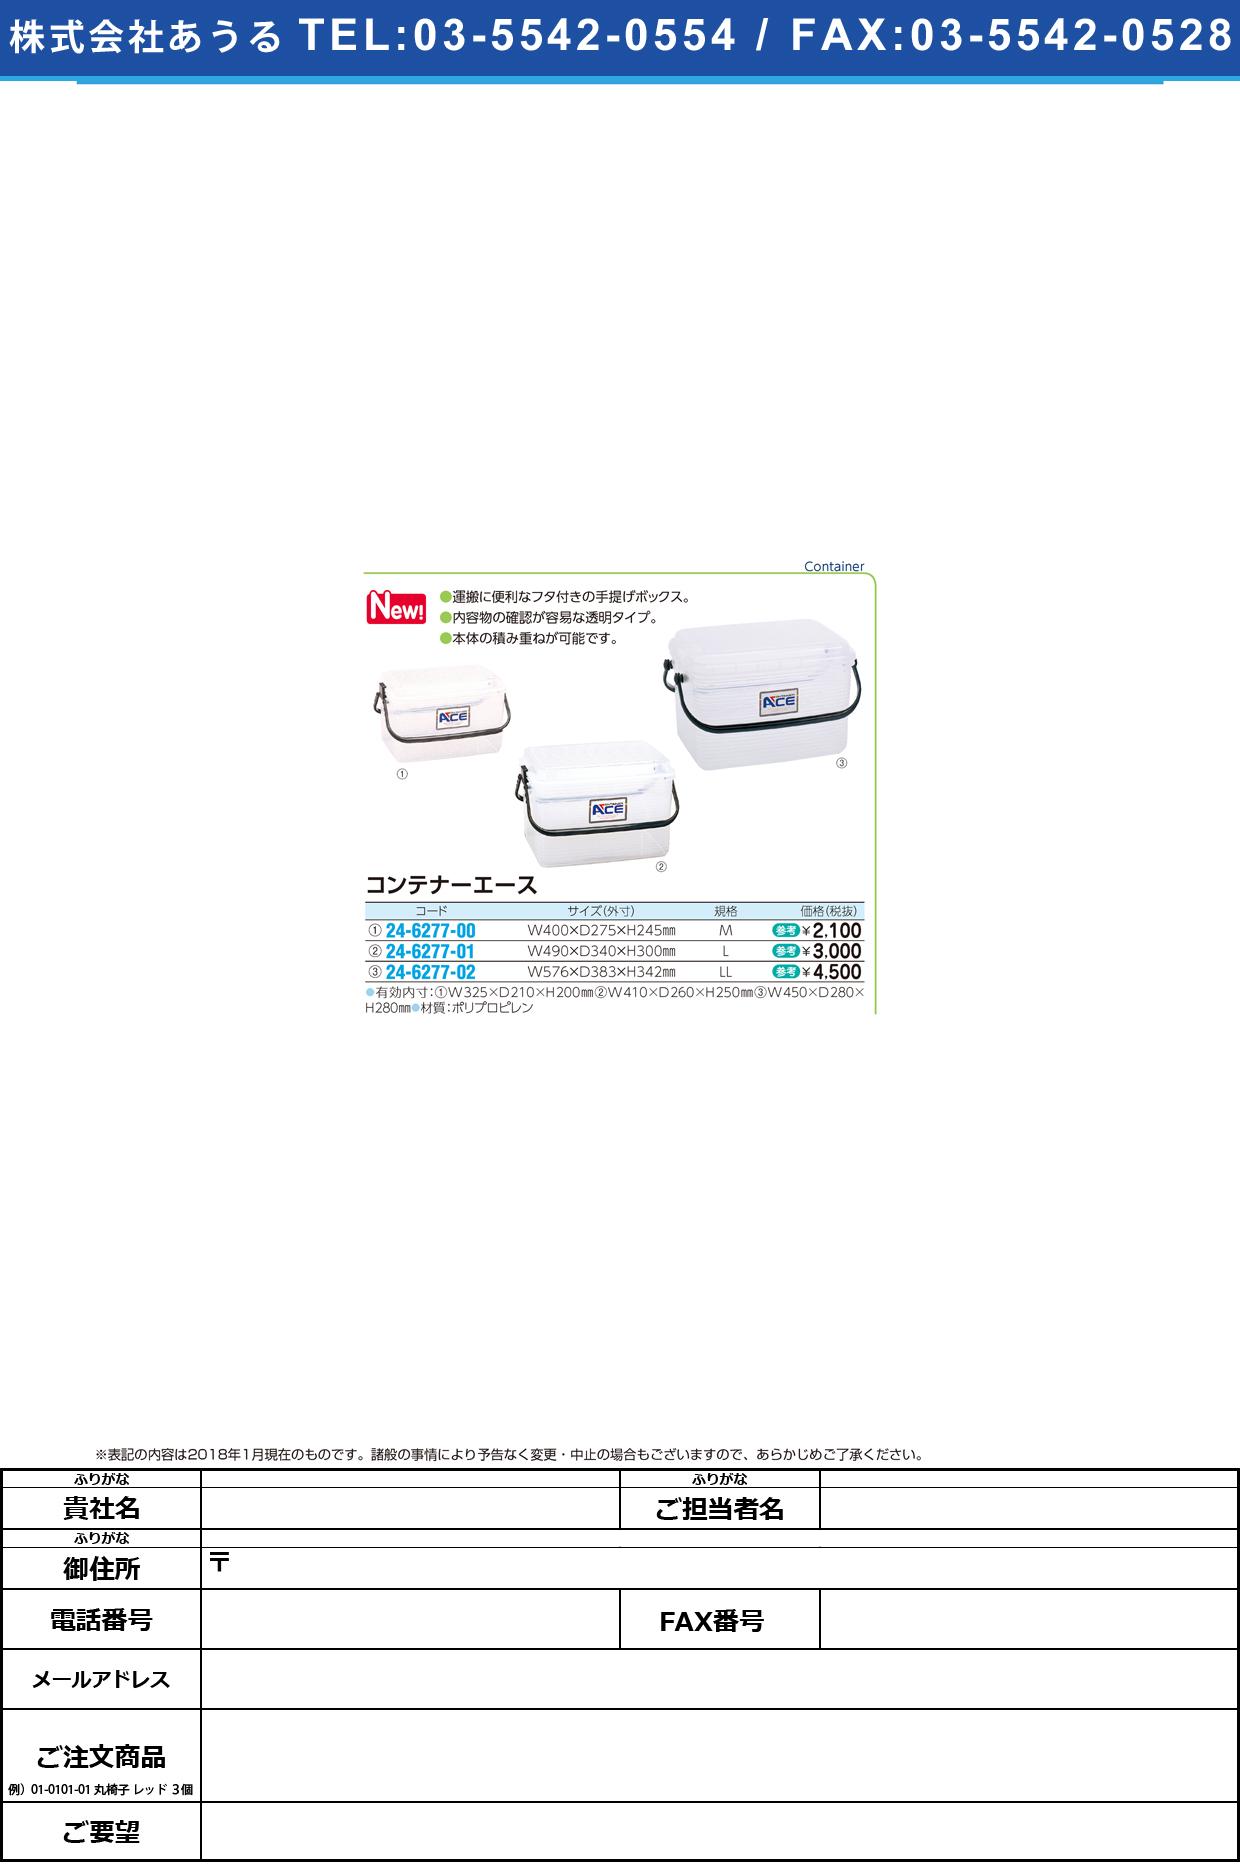 (24-6277-02)コンテナーエース LL(676X383X342MM) コンテナーエース【1個単位】【2018年カタログ商品】